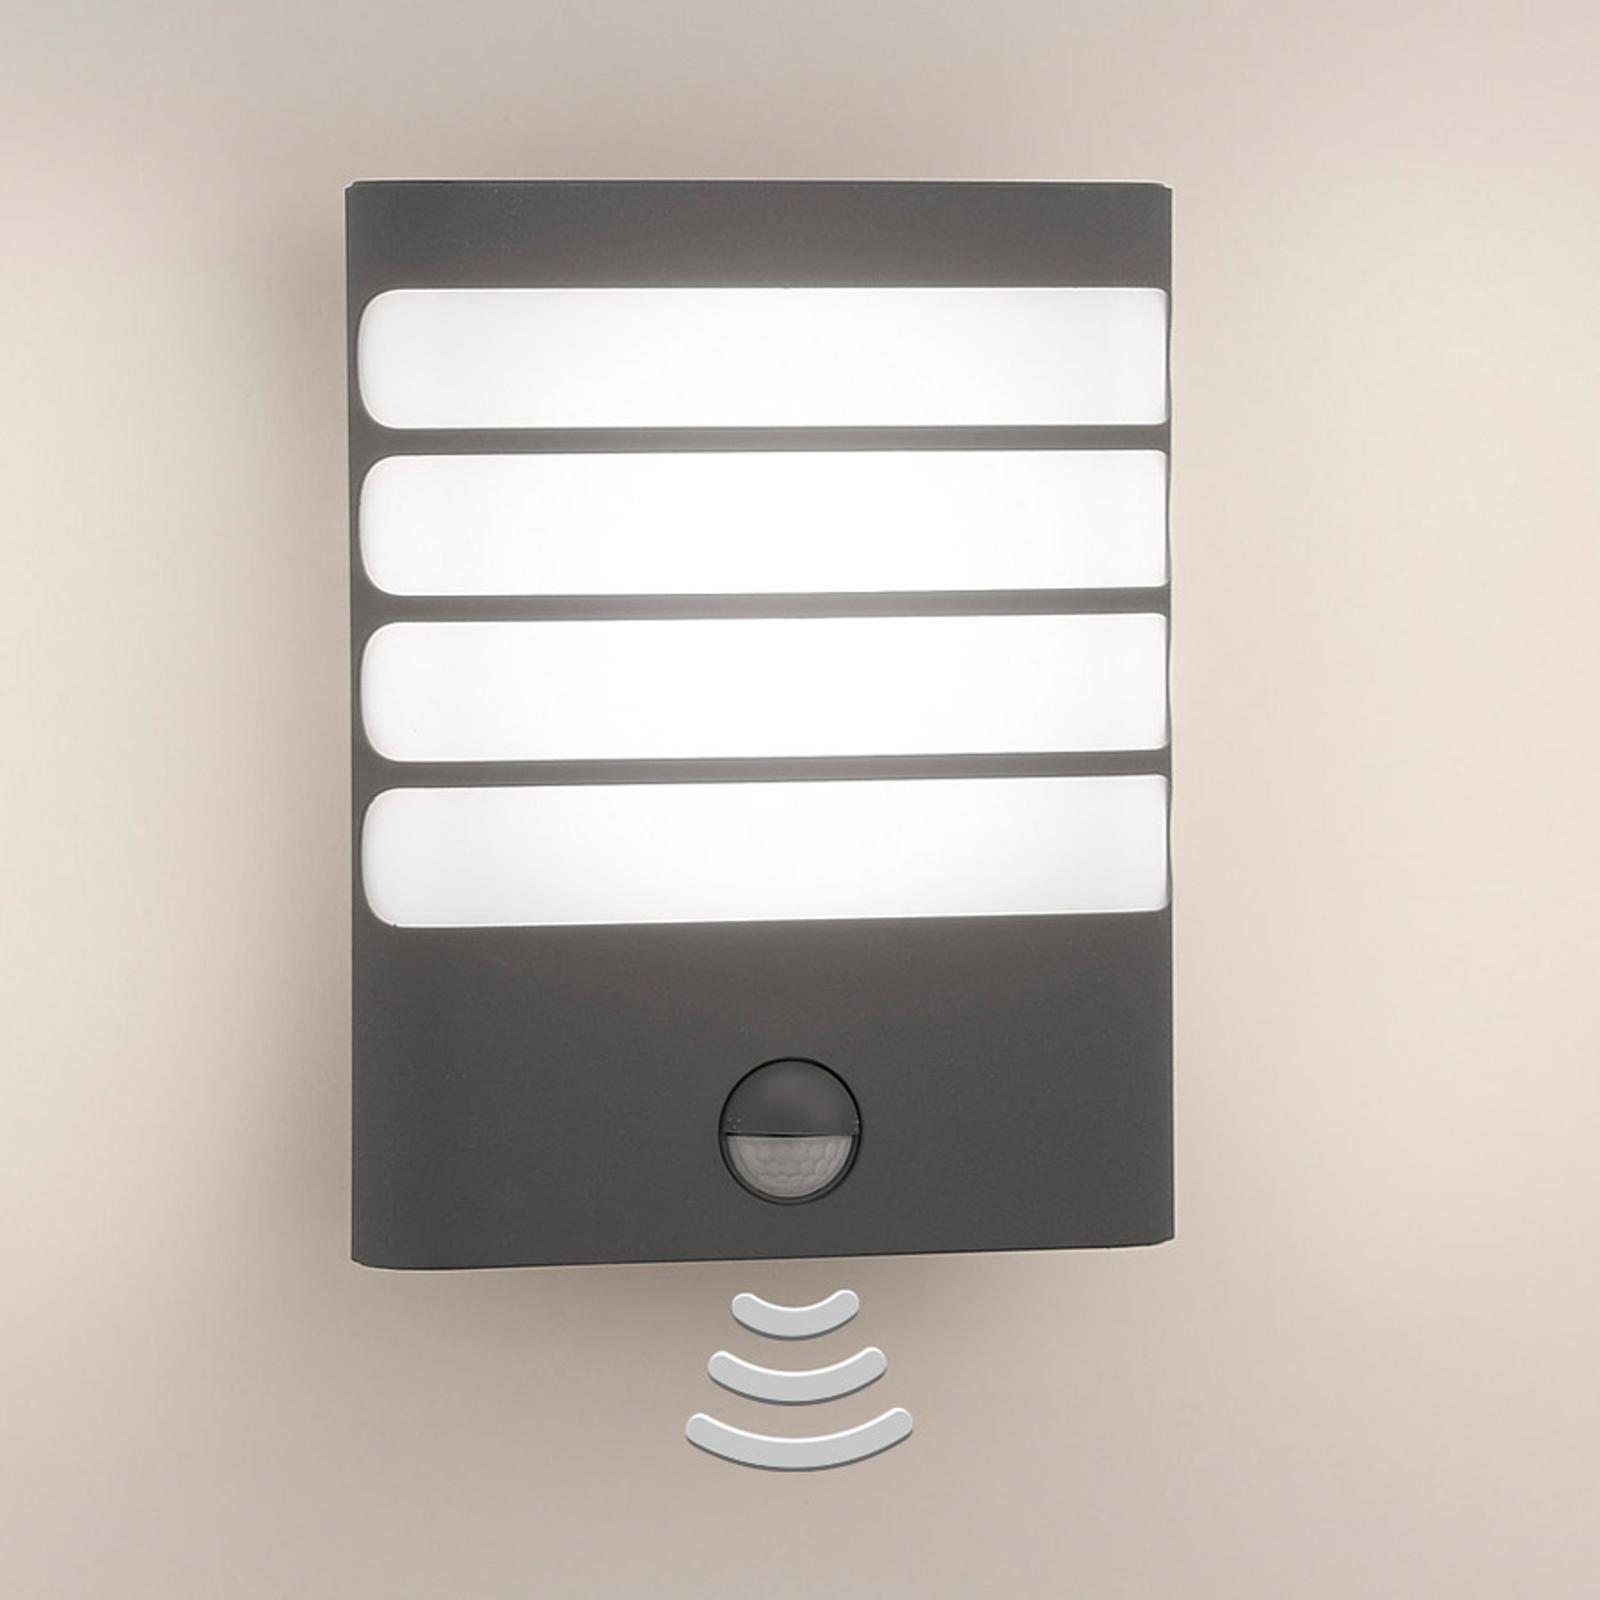 Philips Raccoon LED-buitenwandlamp antraciet